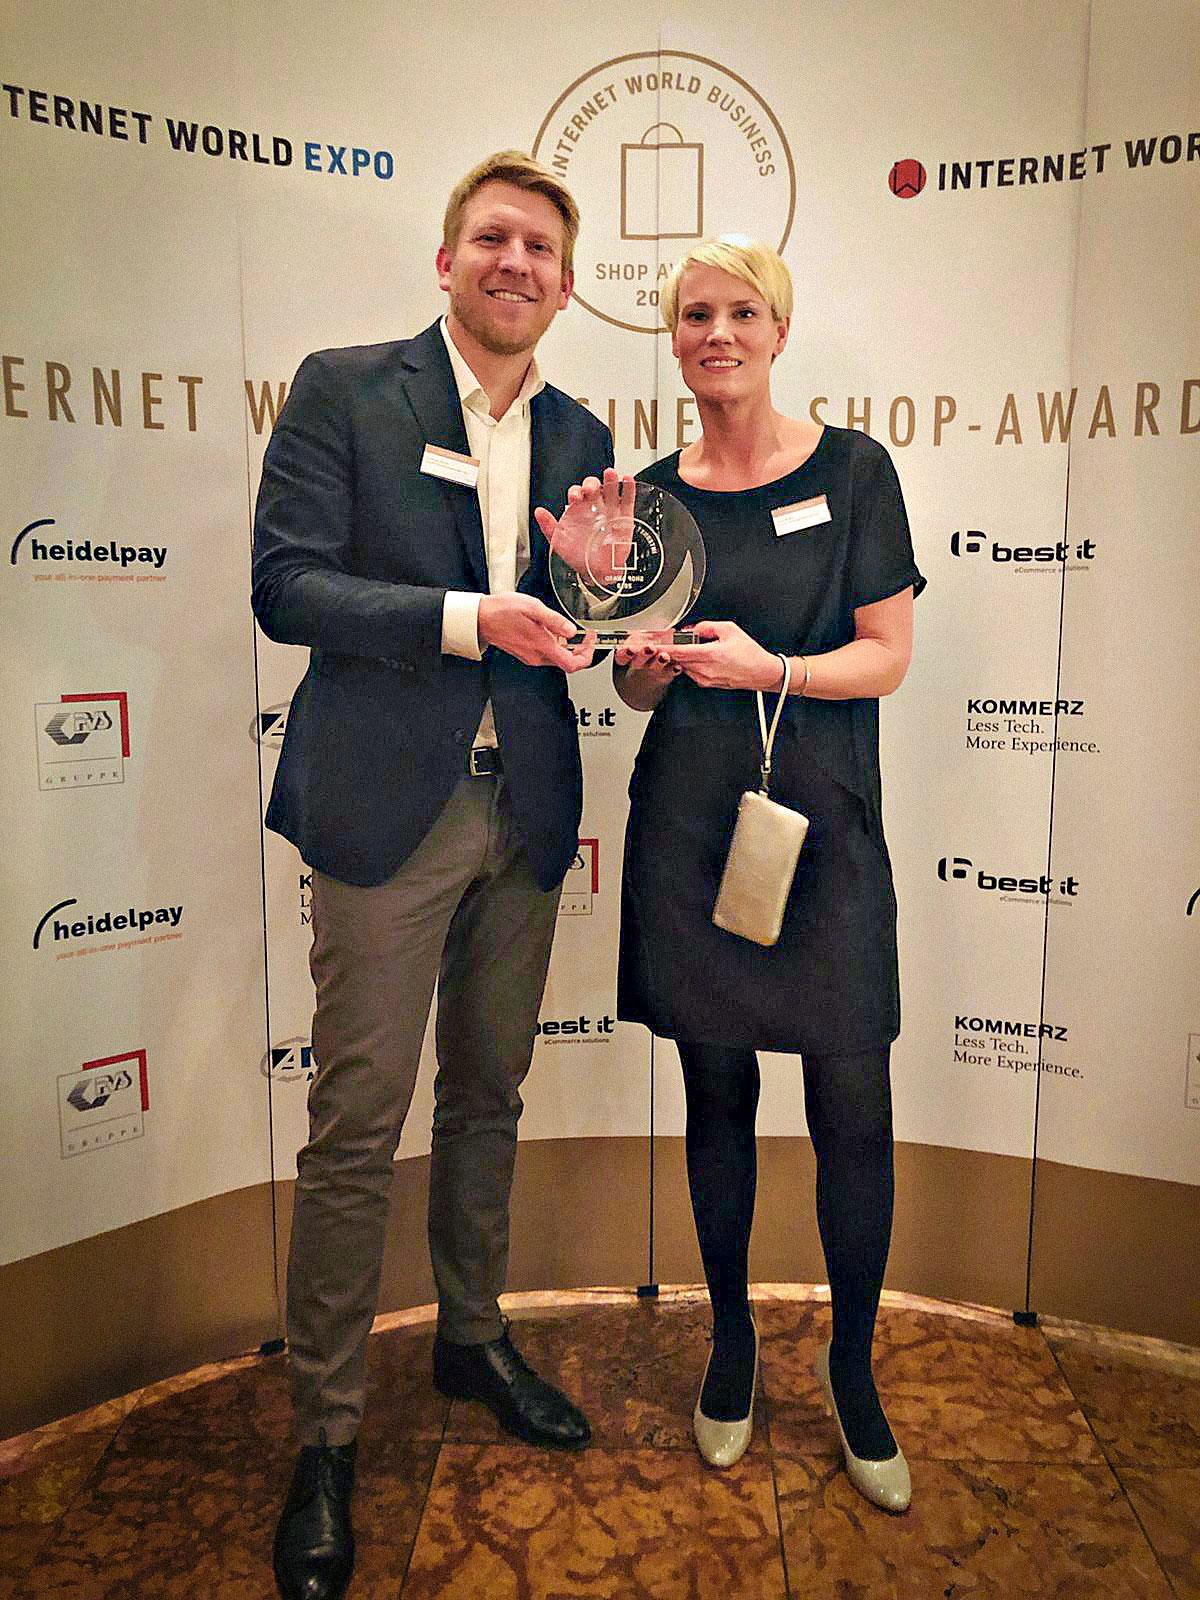 """Dominik Sibum (Teamleiter User Experience bei Bonprix) und Nina Moths (Abteilungsleiterin Digital Content Marketing bei Bonprix) nehmen die Auszeichnung als """"Bester Markenshop"""" beim Internet World Business Shop-Award 2019 entgegen"""